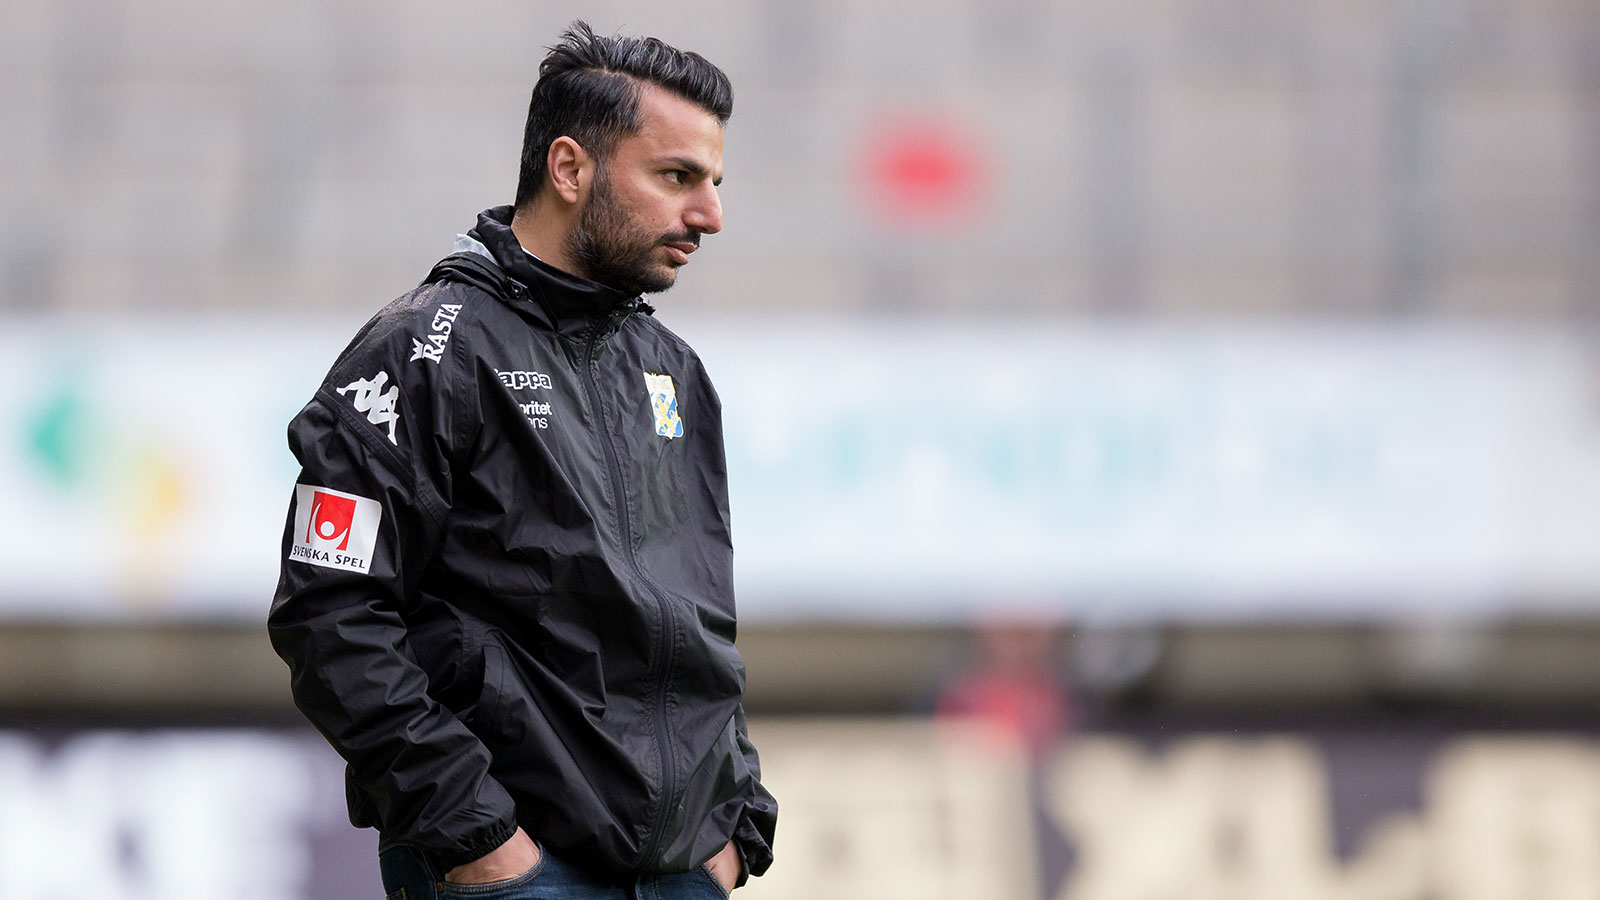 180428 IFK Göteborgs tränare Poya Asbaghi under fotbollsmatchen i allsvenskan mellan IFK Göteborg och Häcken den 28 april 2018 i Göteborg.